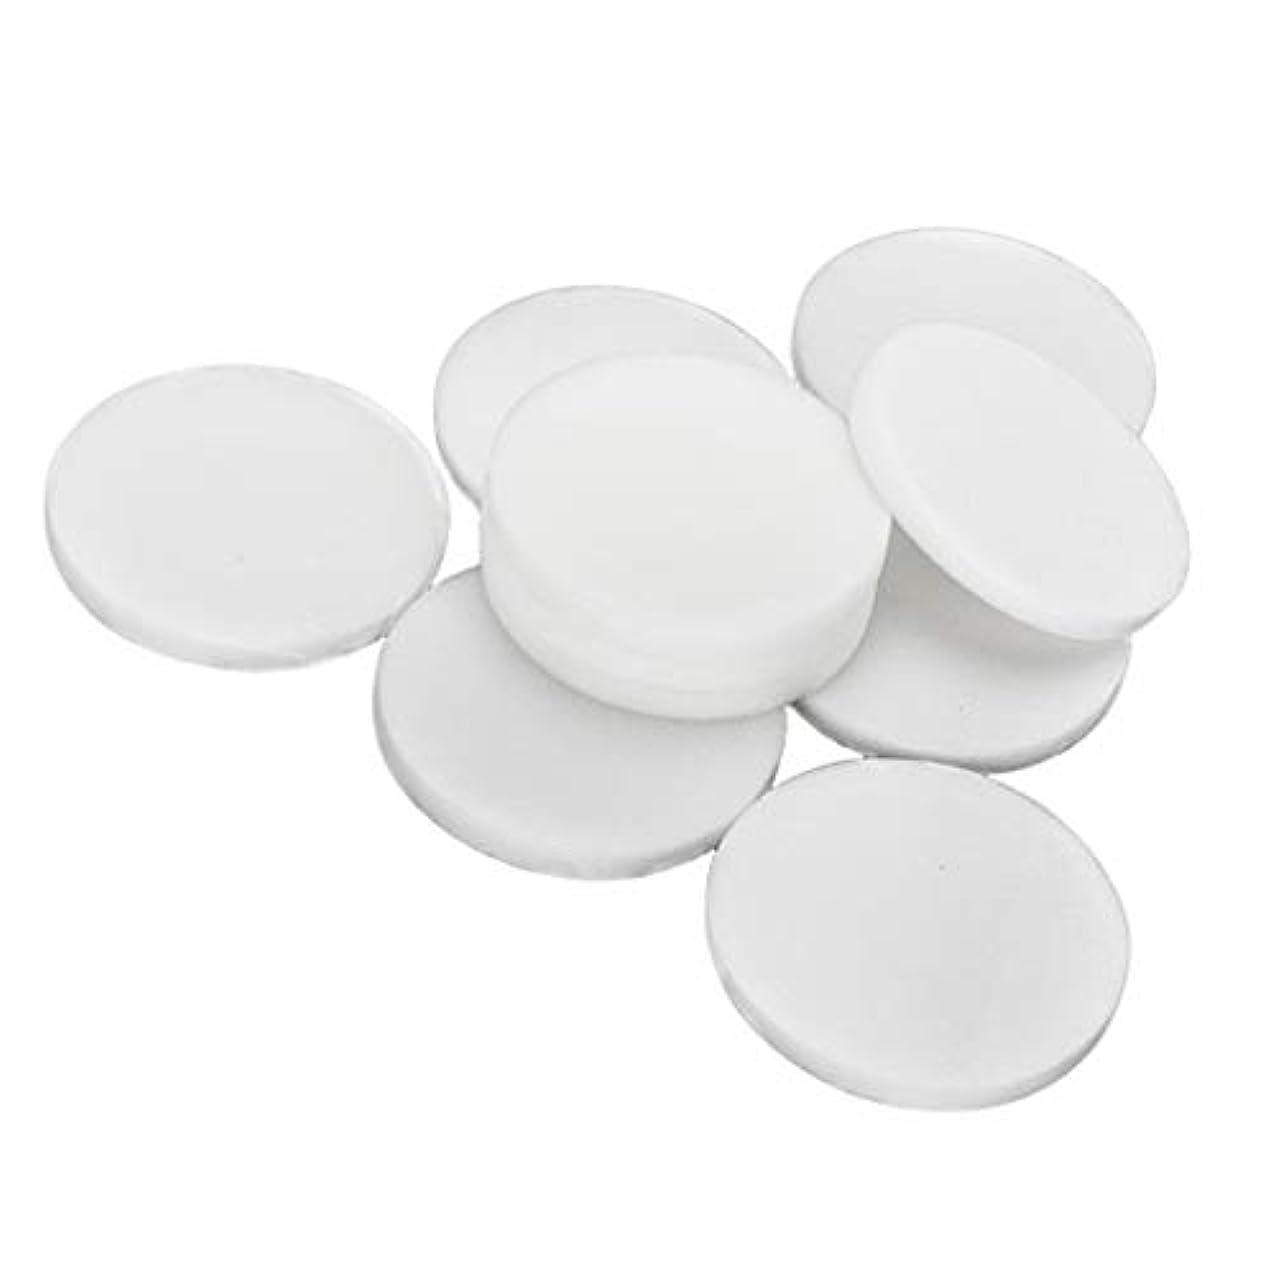 パーセントに頼る玉Perfeclan 約10個 洗顔スポンジ 洗顔パフ メイクアップパフ フェイシャルスポンジ 全2サイズ - 大